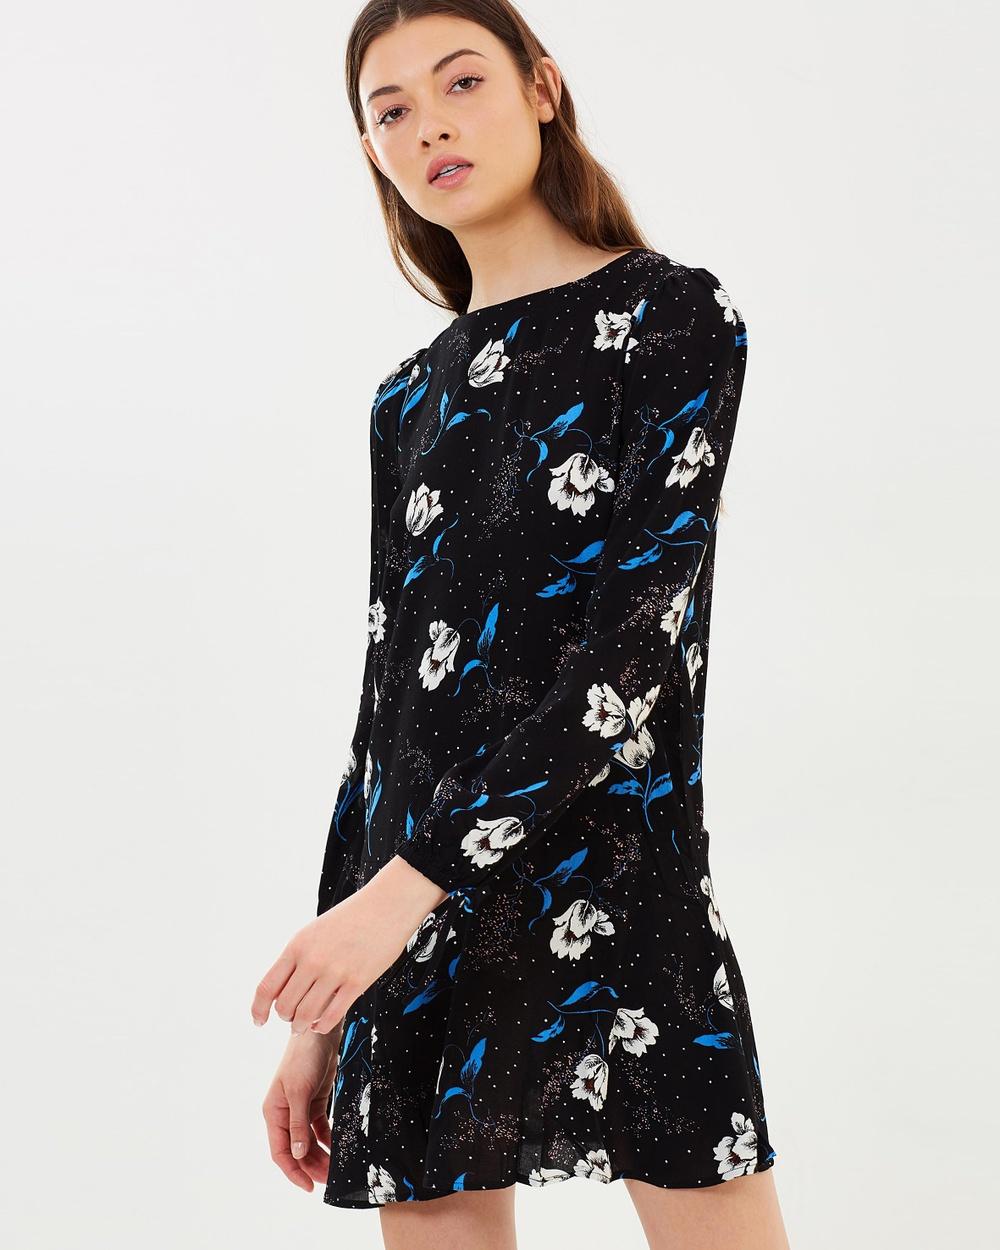 M.N.G Chiara Dress Printed Dresses Black Chiara Dress